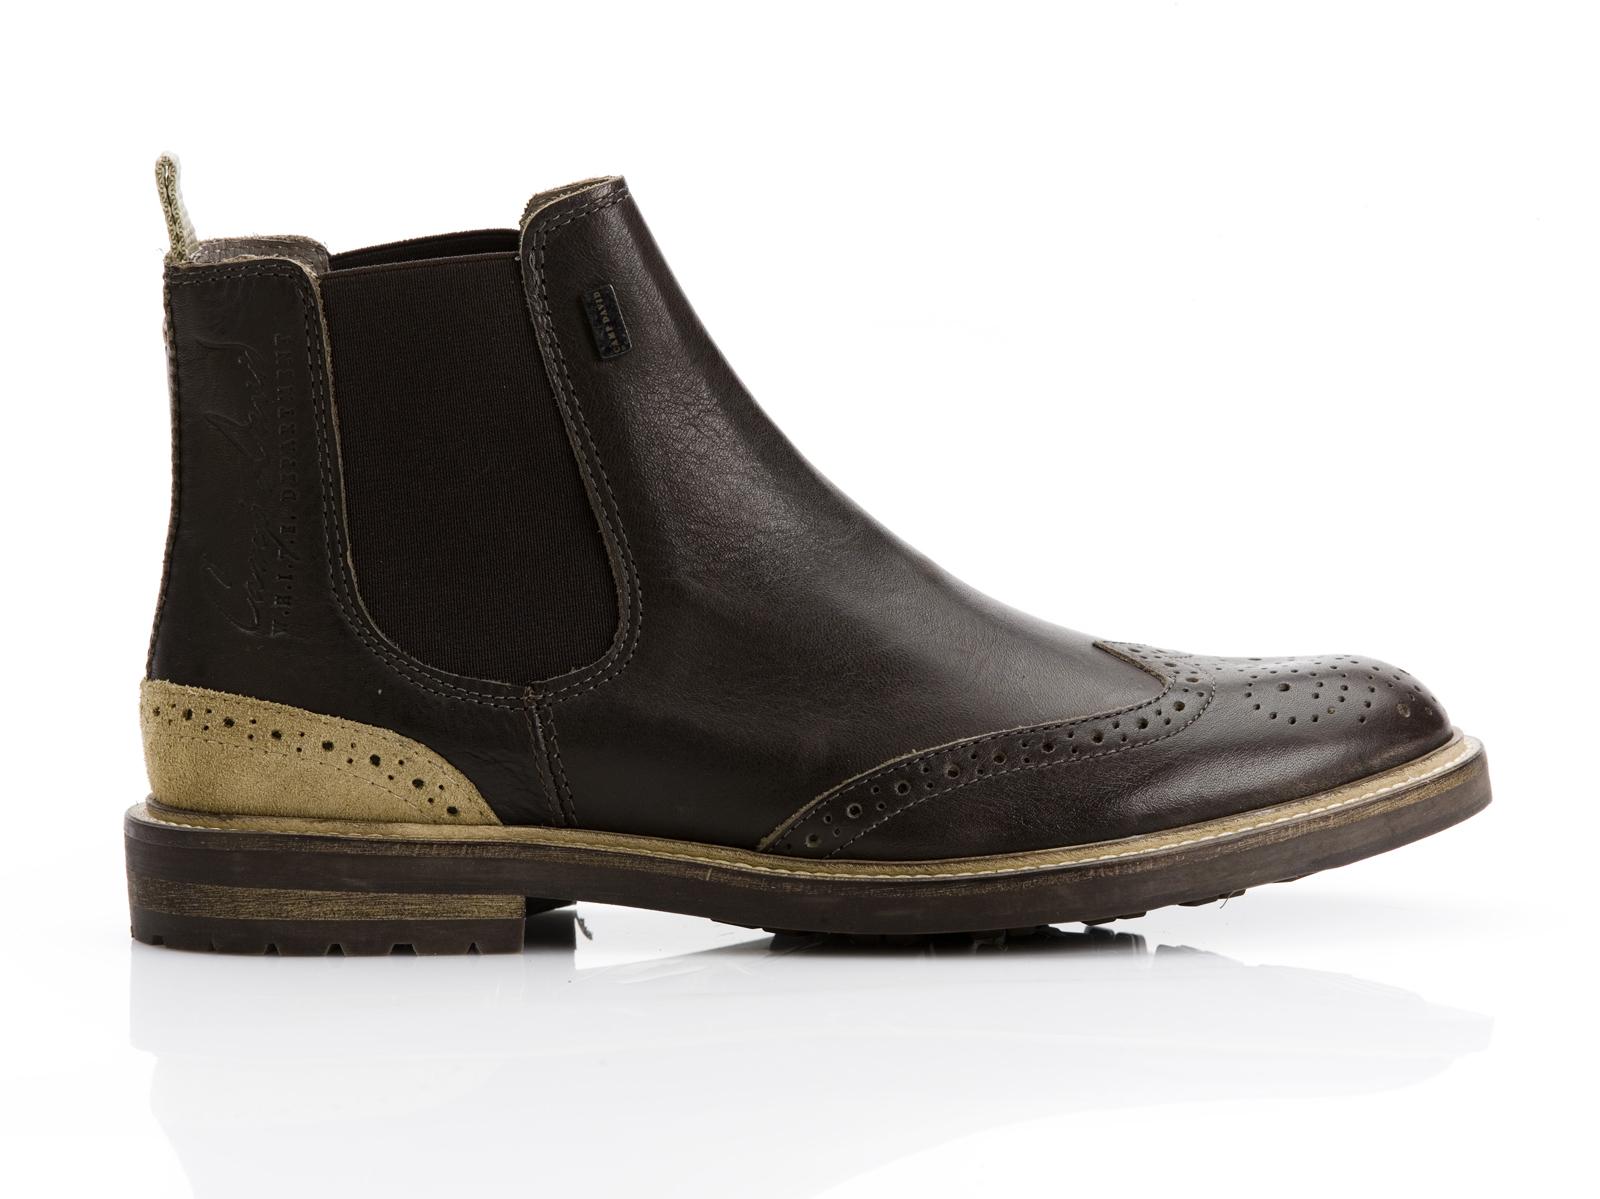 CAMP DAVID WINTER Boots Gr. 41 EUR 15,00 | PicClick DE